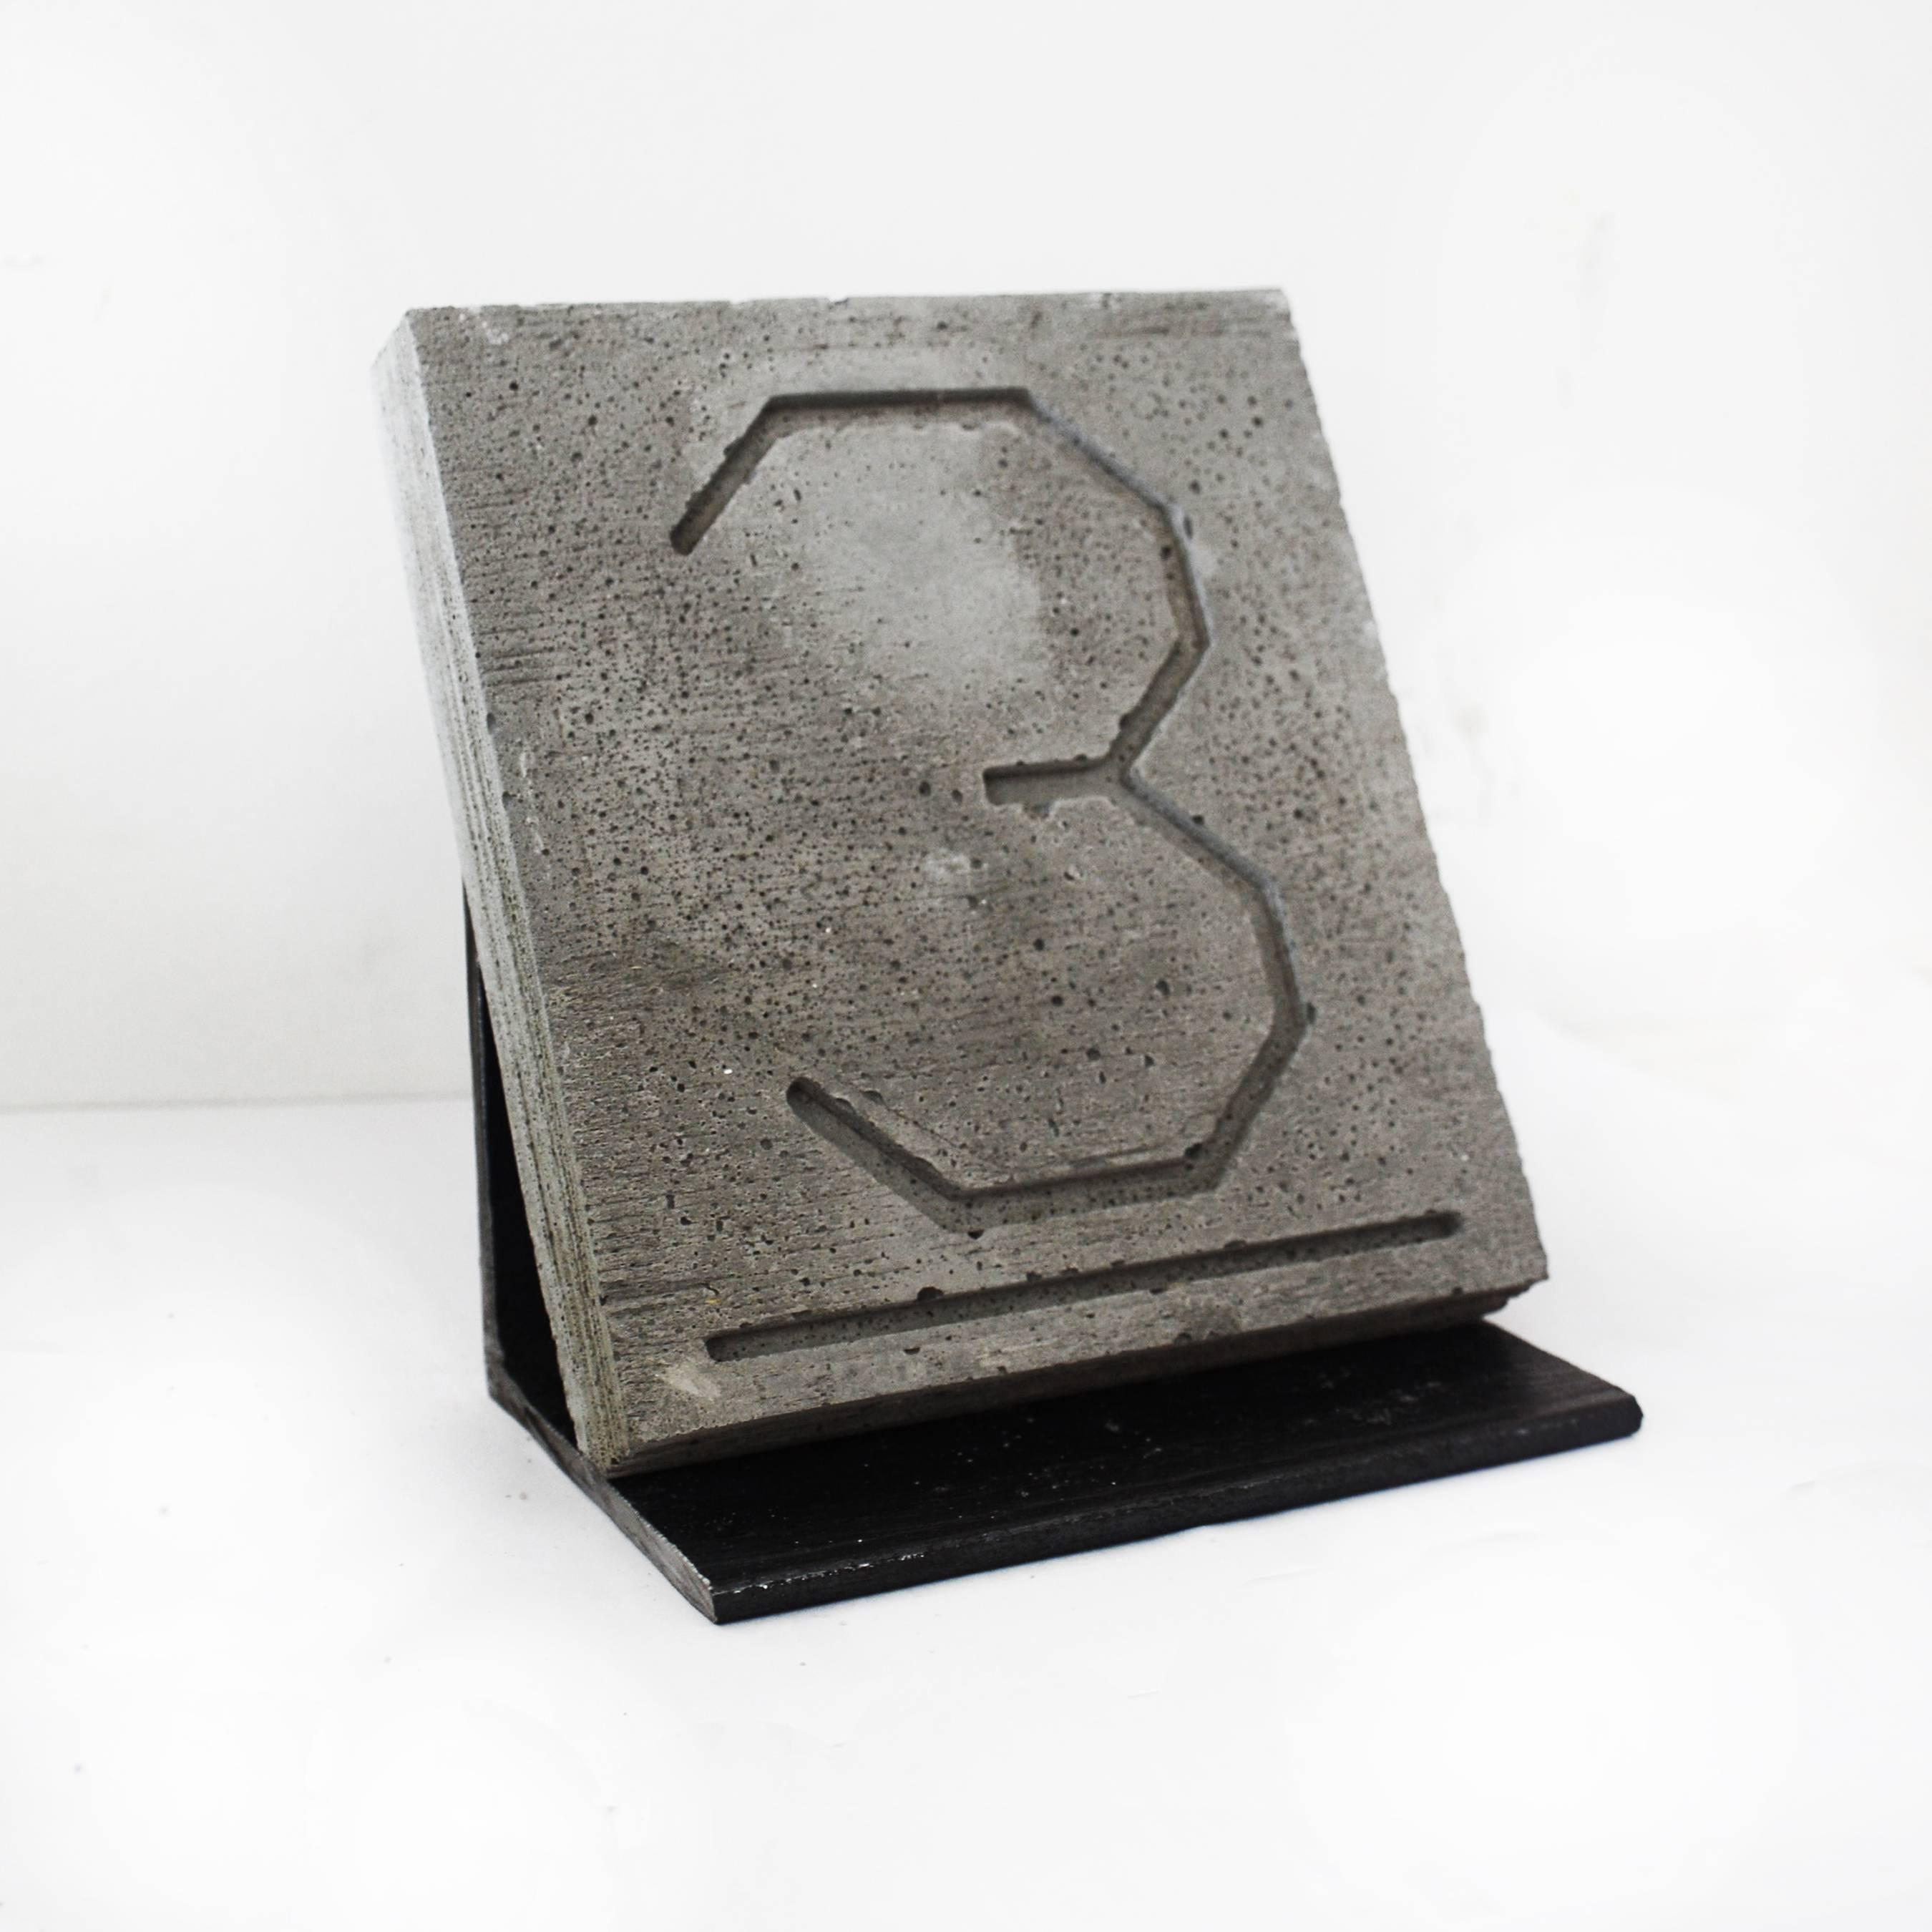 Klapper & Gallagher, The Golden Ratio f4, 2016, Steel, Concrete